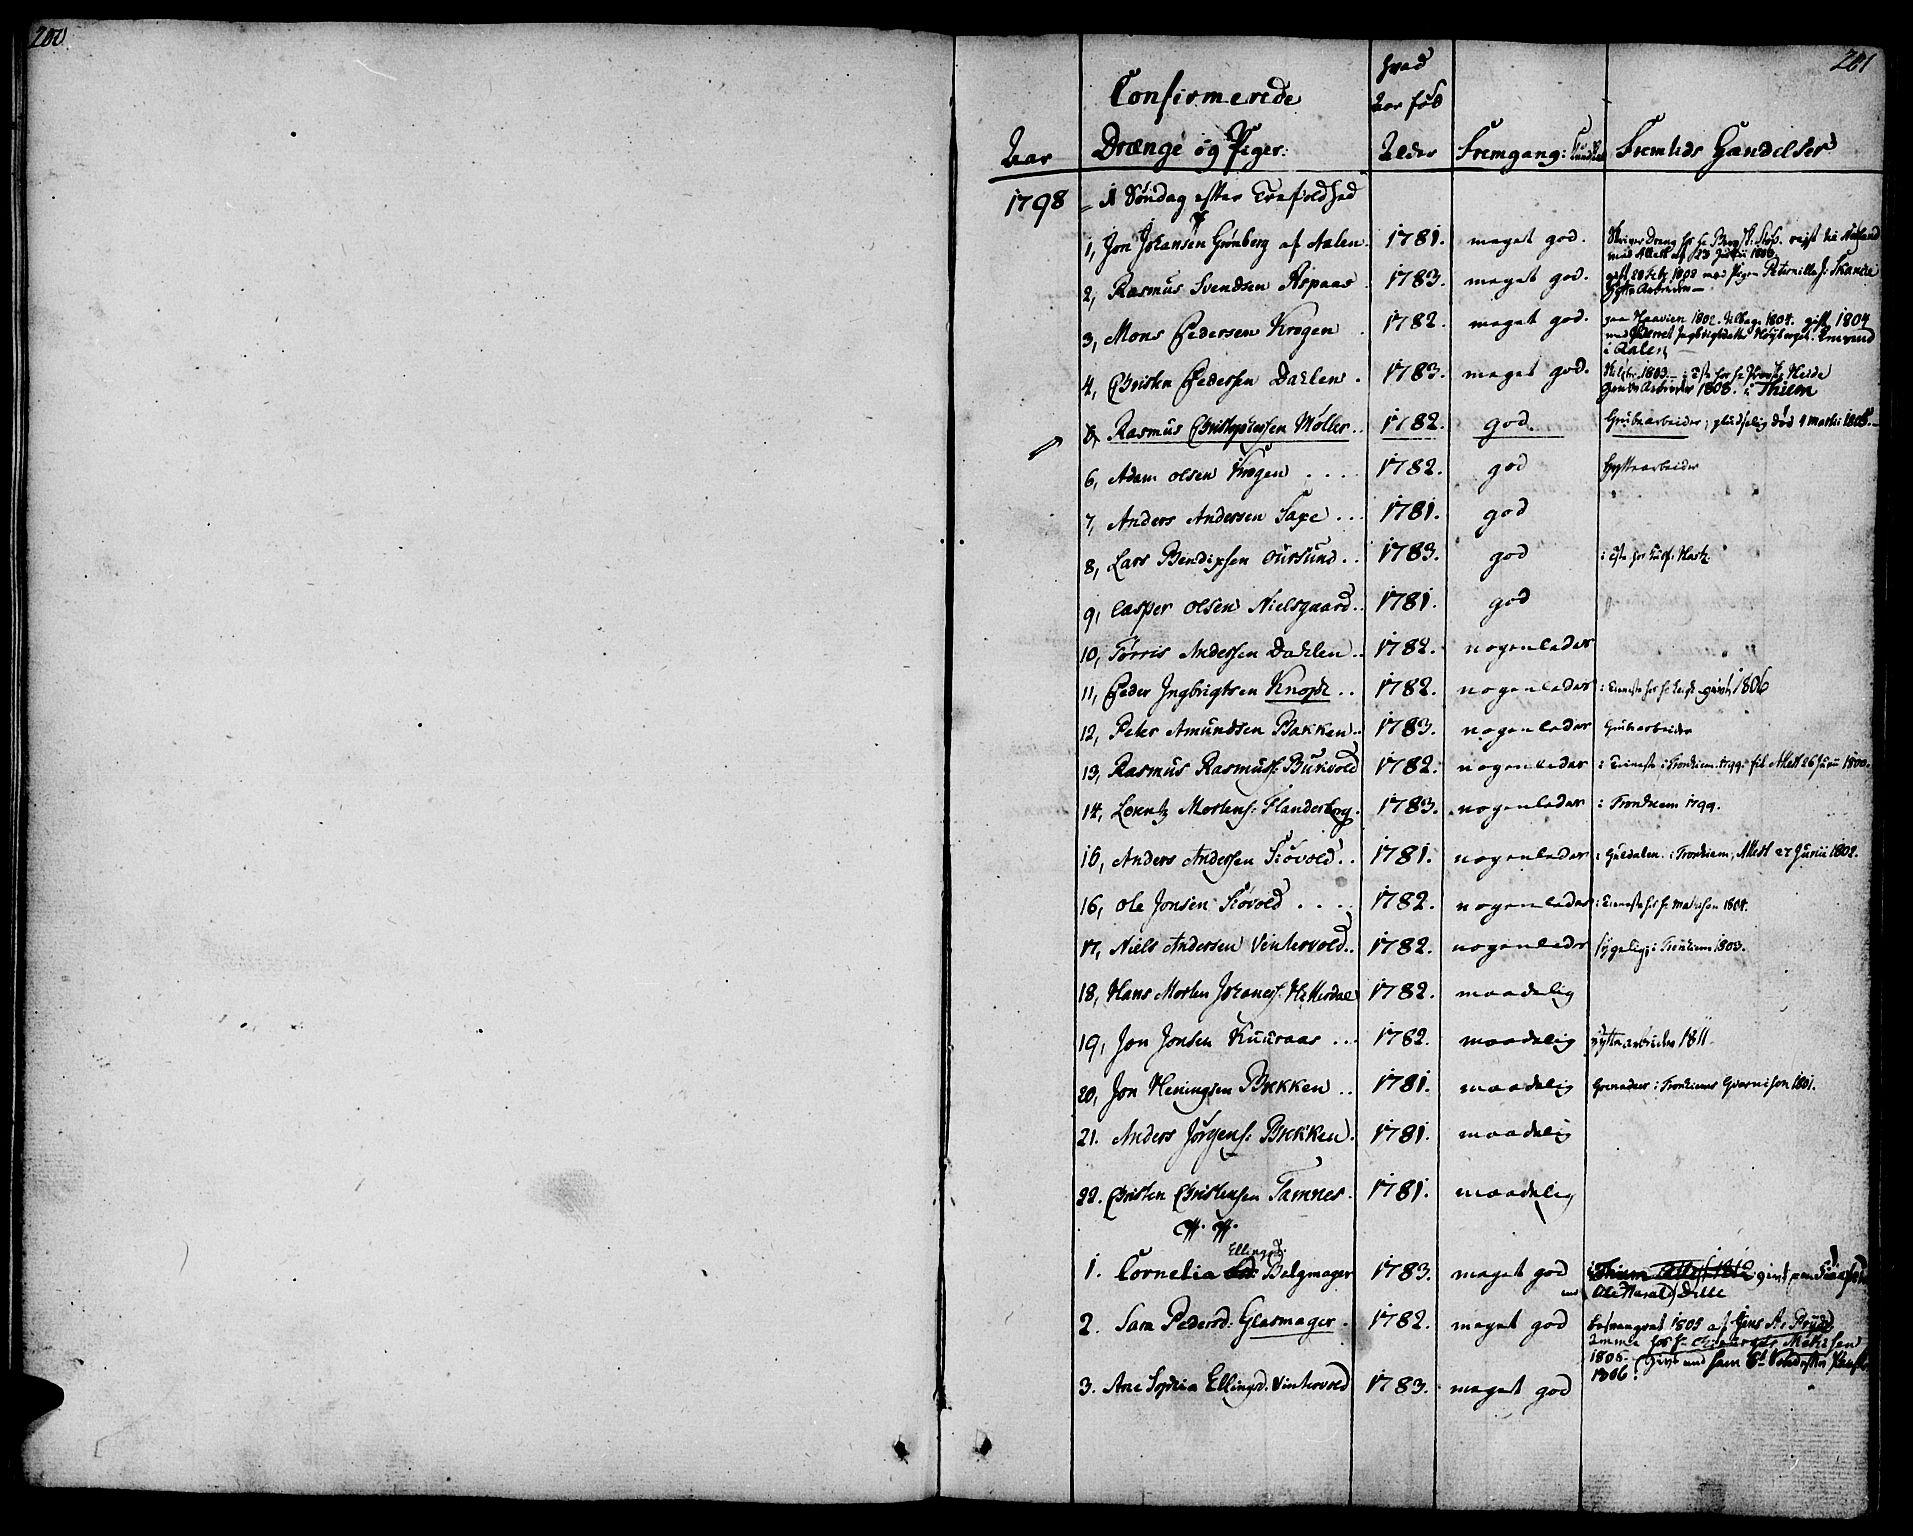 SAT, Ministerialprotokoller, klokkerbøker og fødselsregistre - Sør-Trøndelag, 681/L0927: Ministerialbok nr. 681A05, 1798-1808, s. 200-201